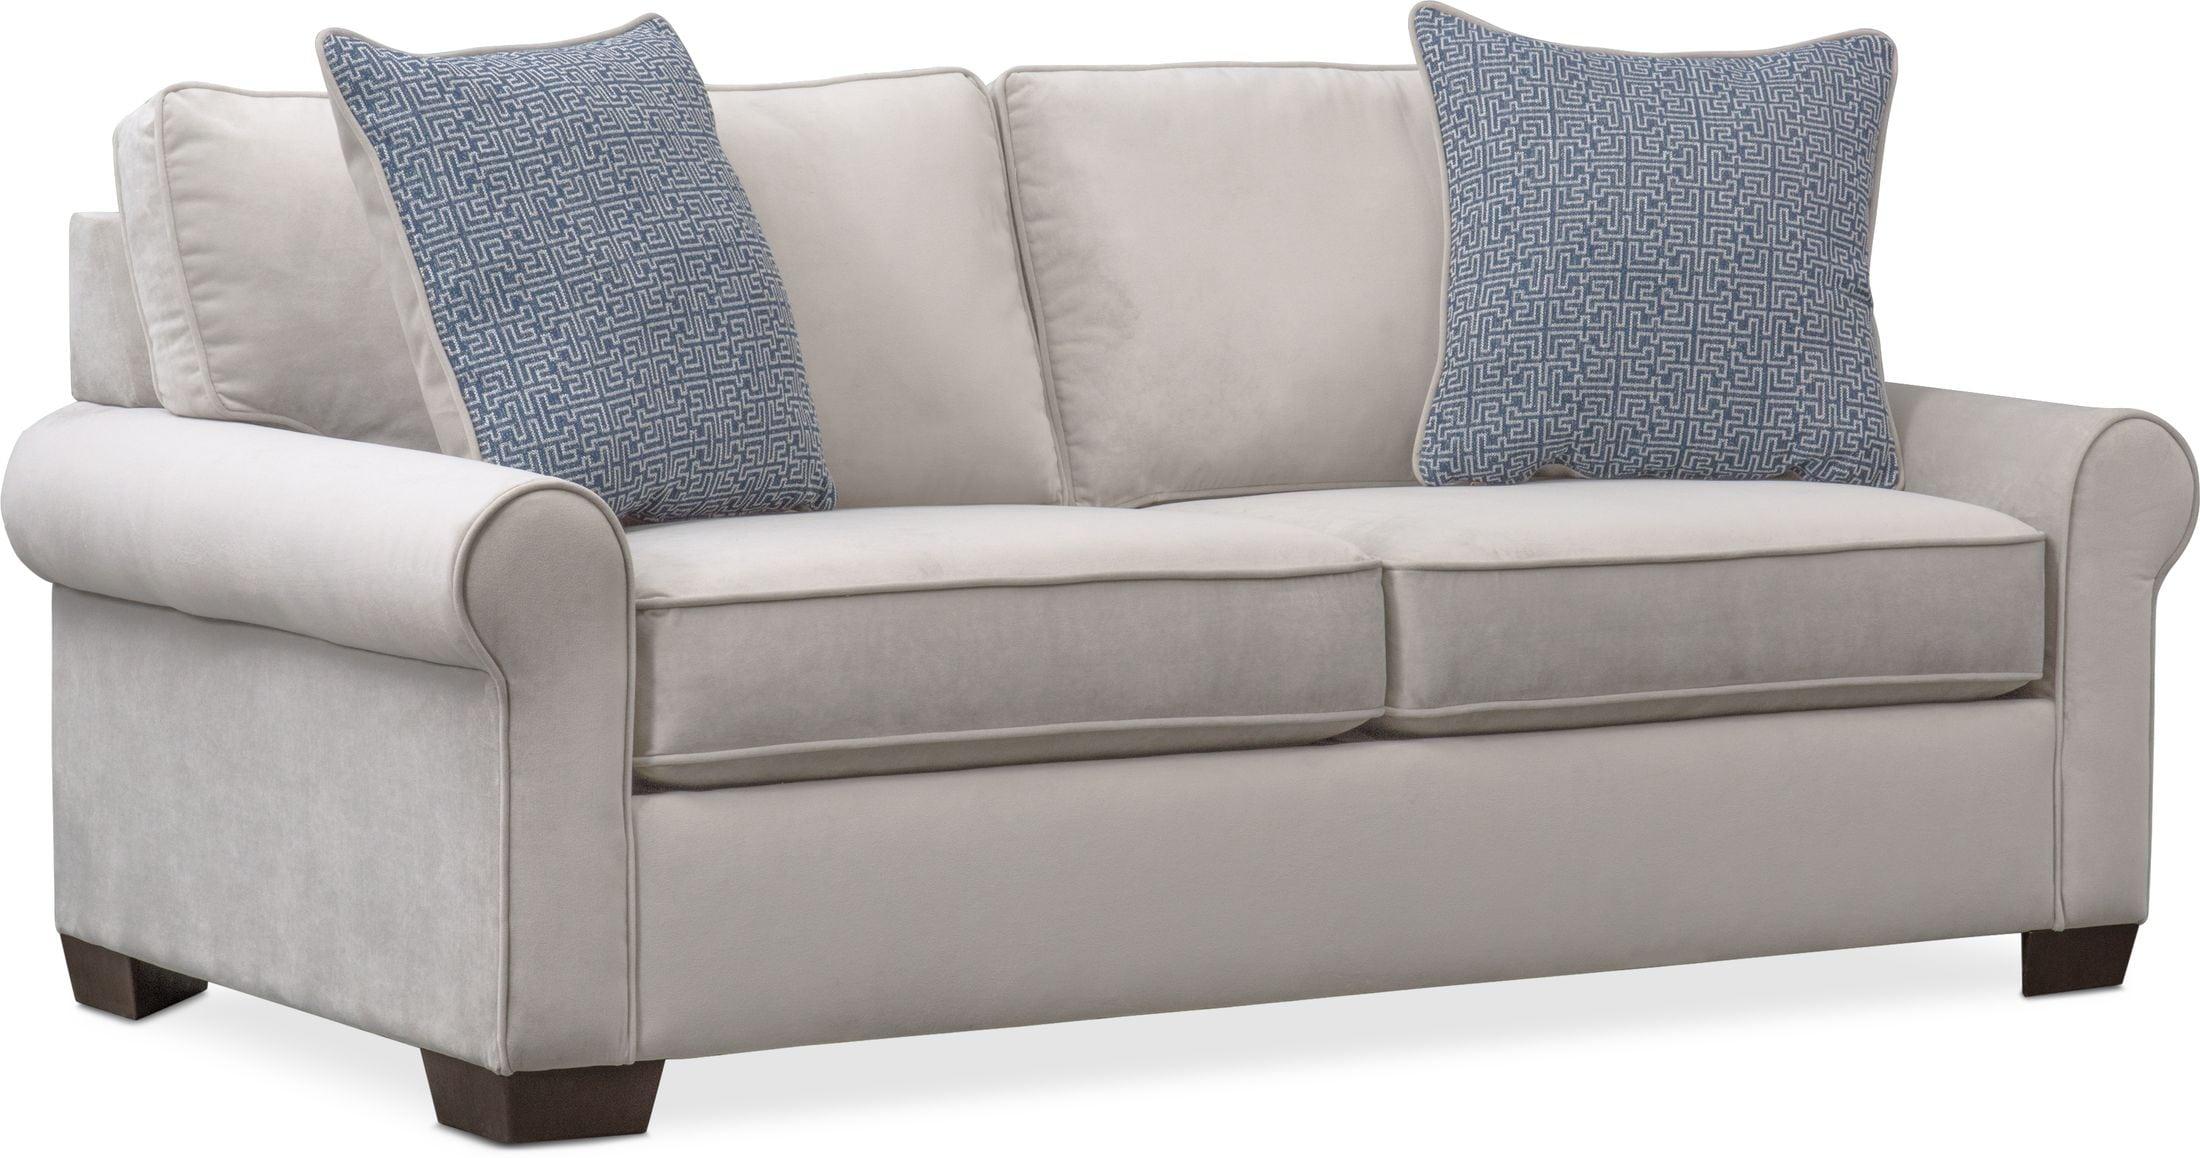 Living Room Furniture - Blake Full Sleeper Loveseat